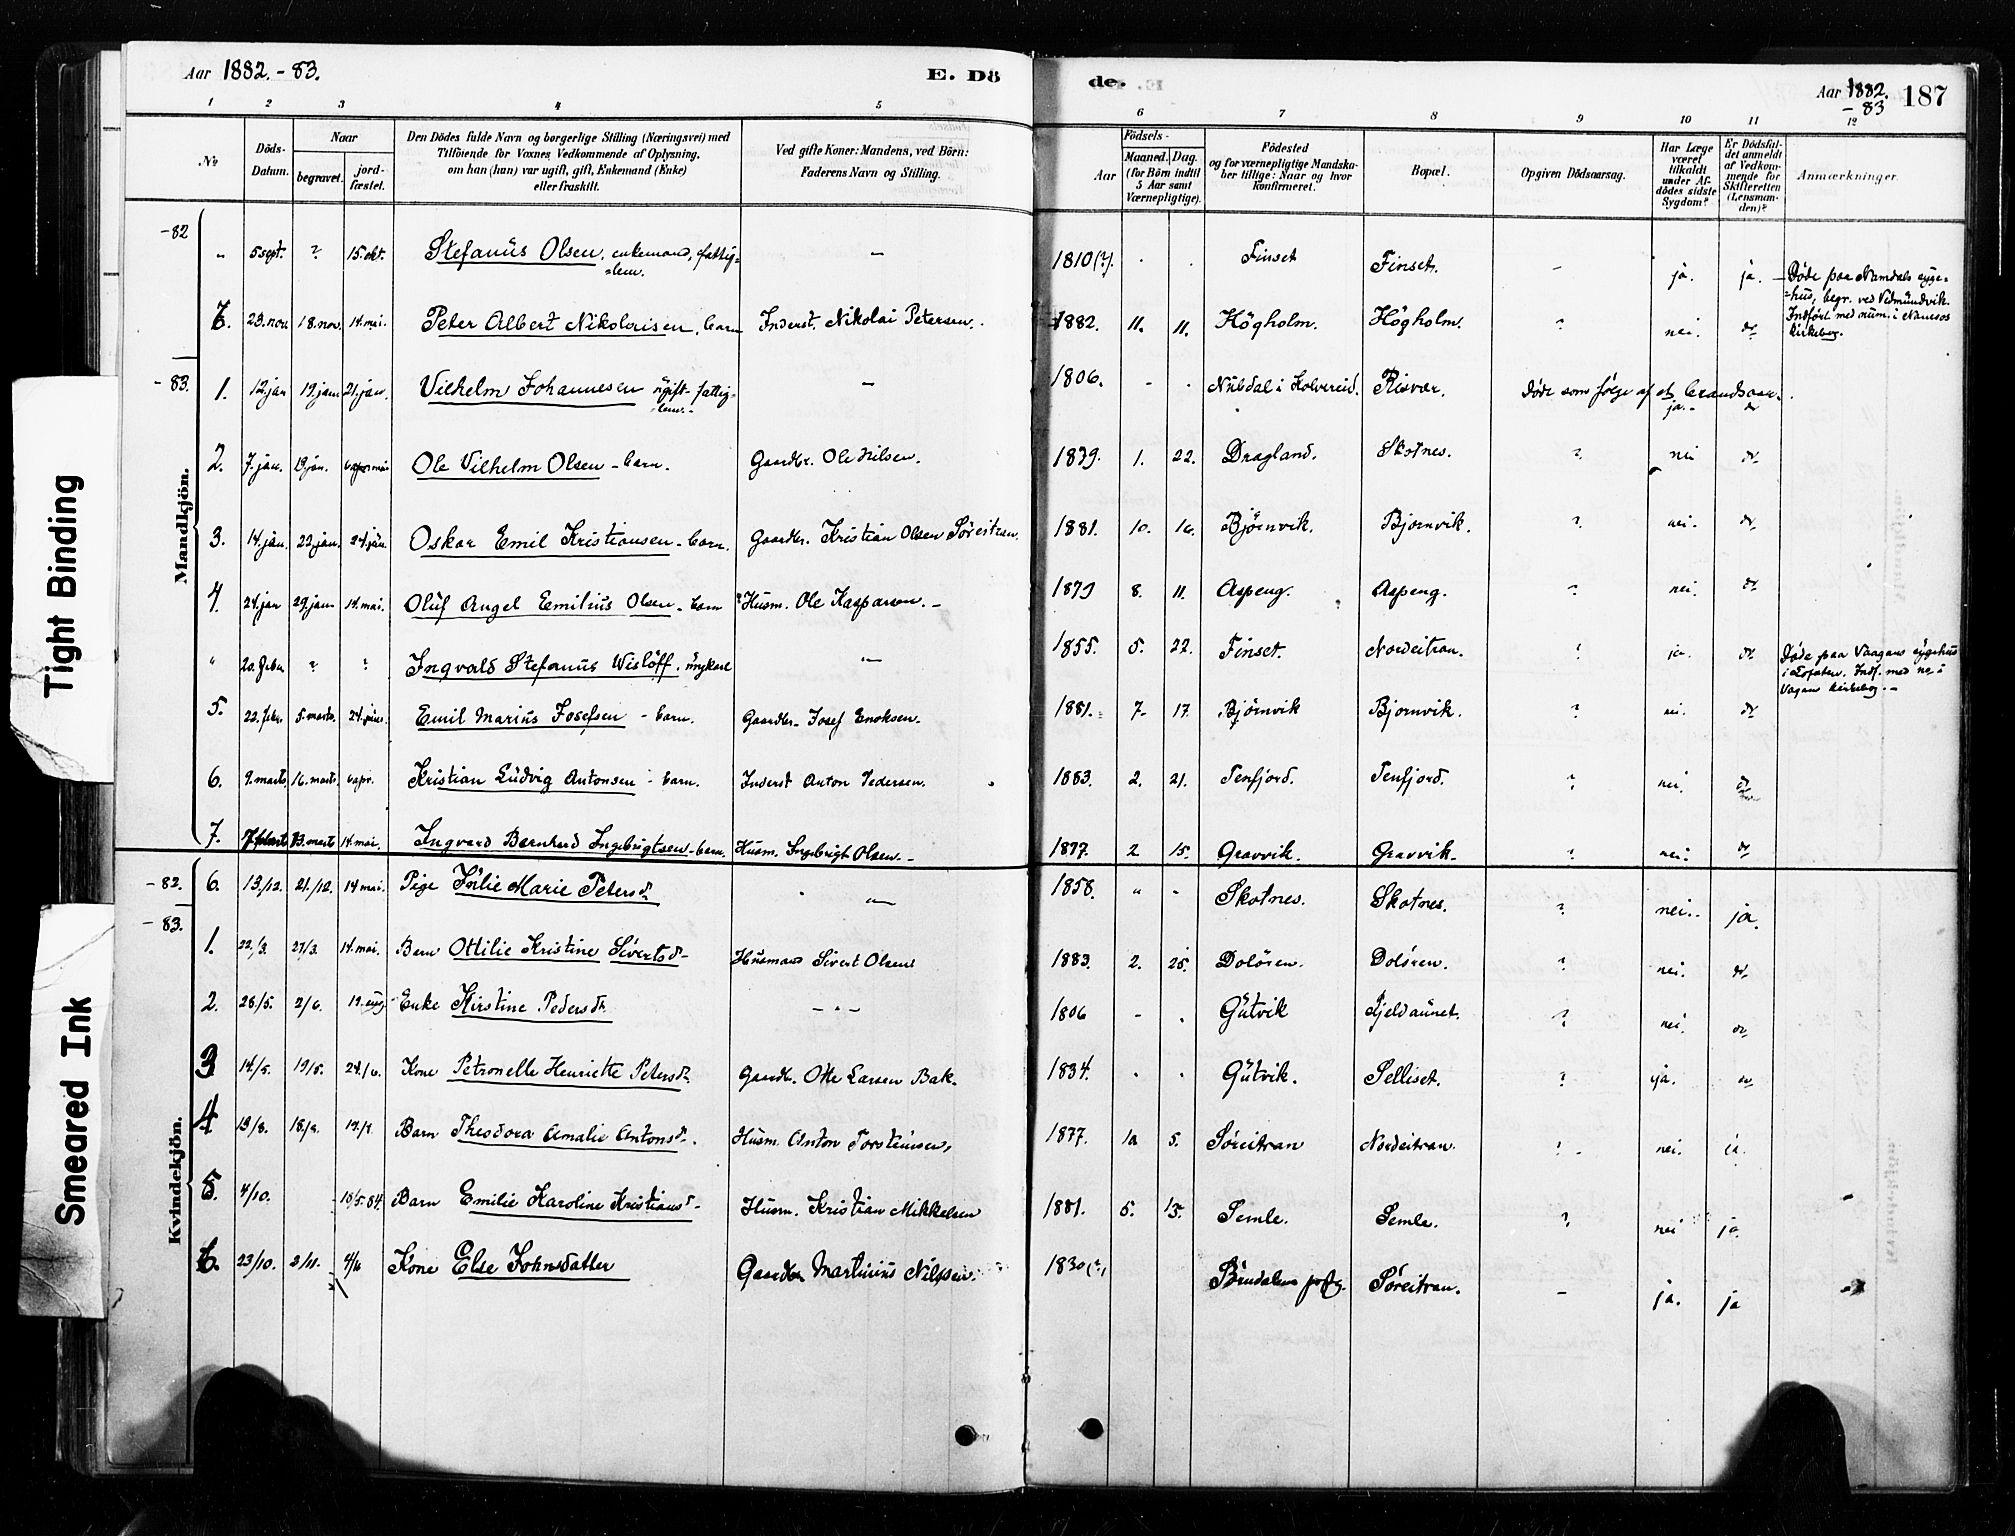 SAT, Ministerialprotokoller, klokkerbøker og fødselsregistre - Nord-Trøndelag, 789/L0705: Ministerialbok nr. 789A01, 1878-1910, s. 187